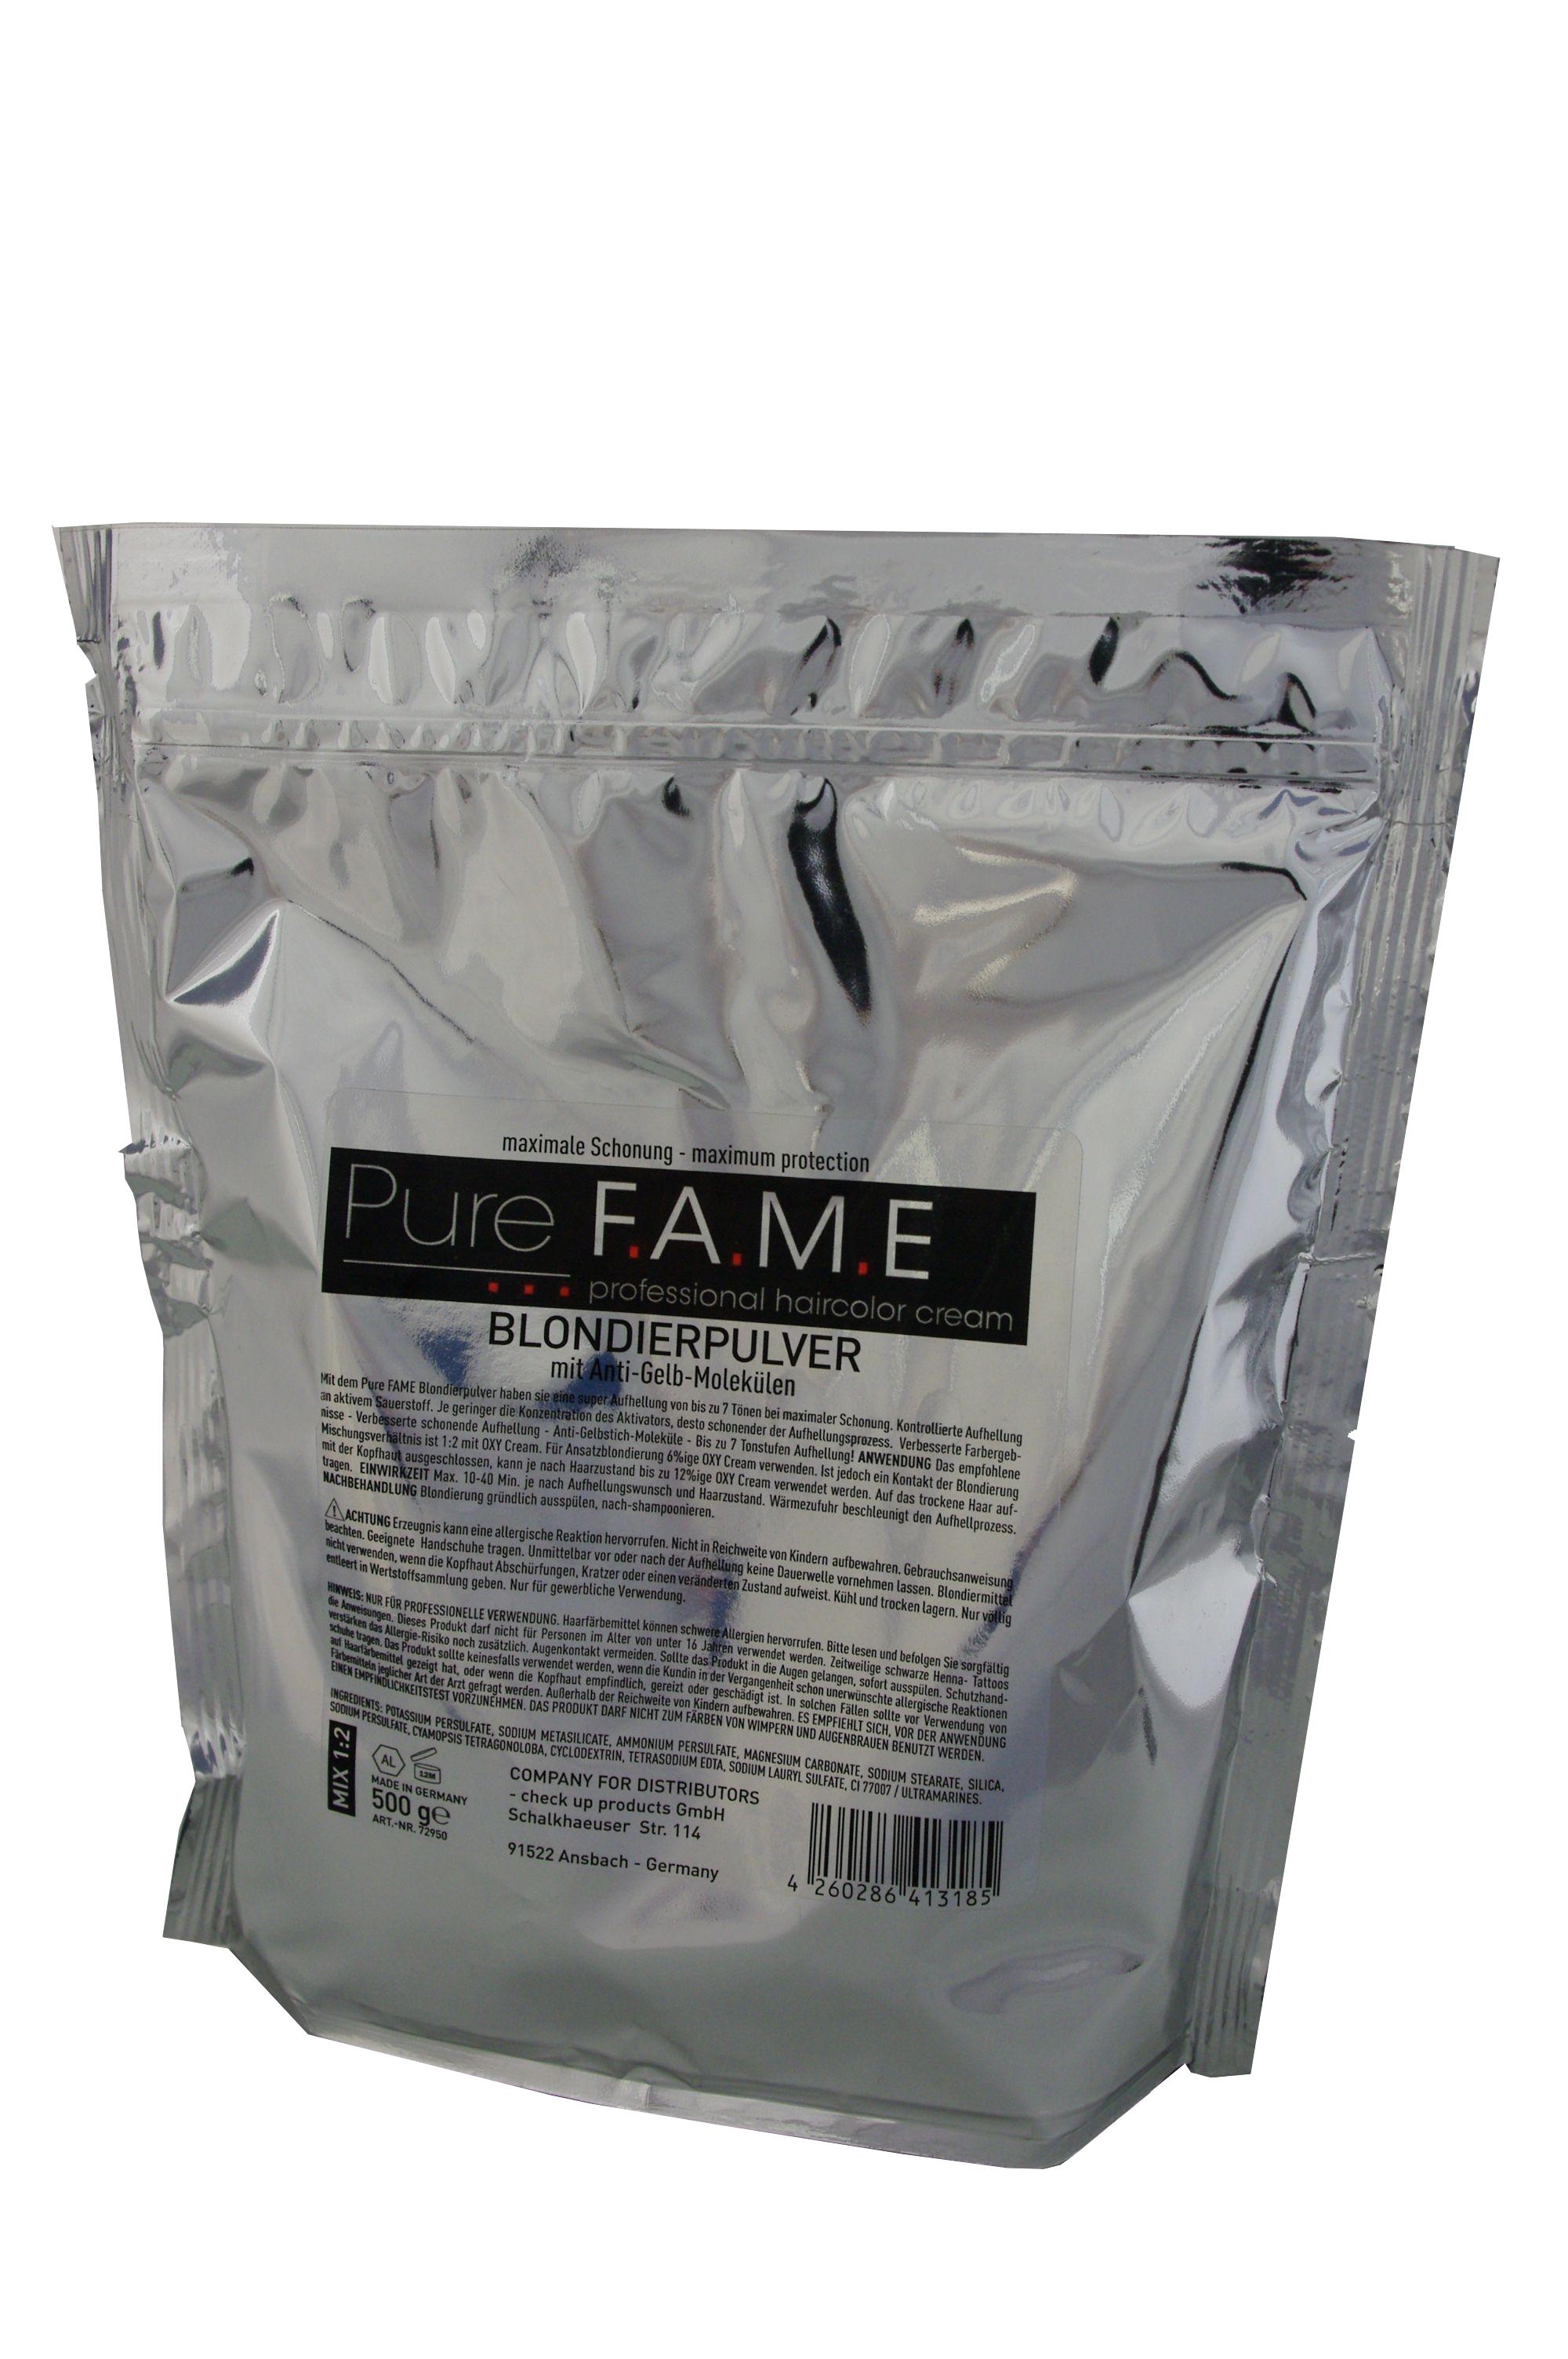 Pure Fame Blondierpulver blau 500 g im Alubeutel